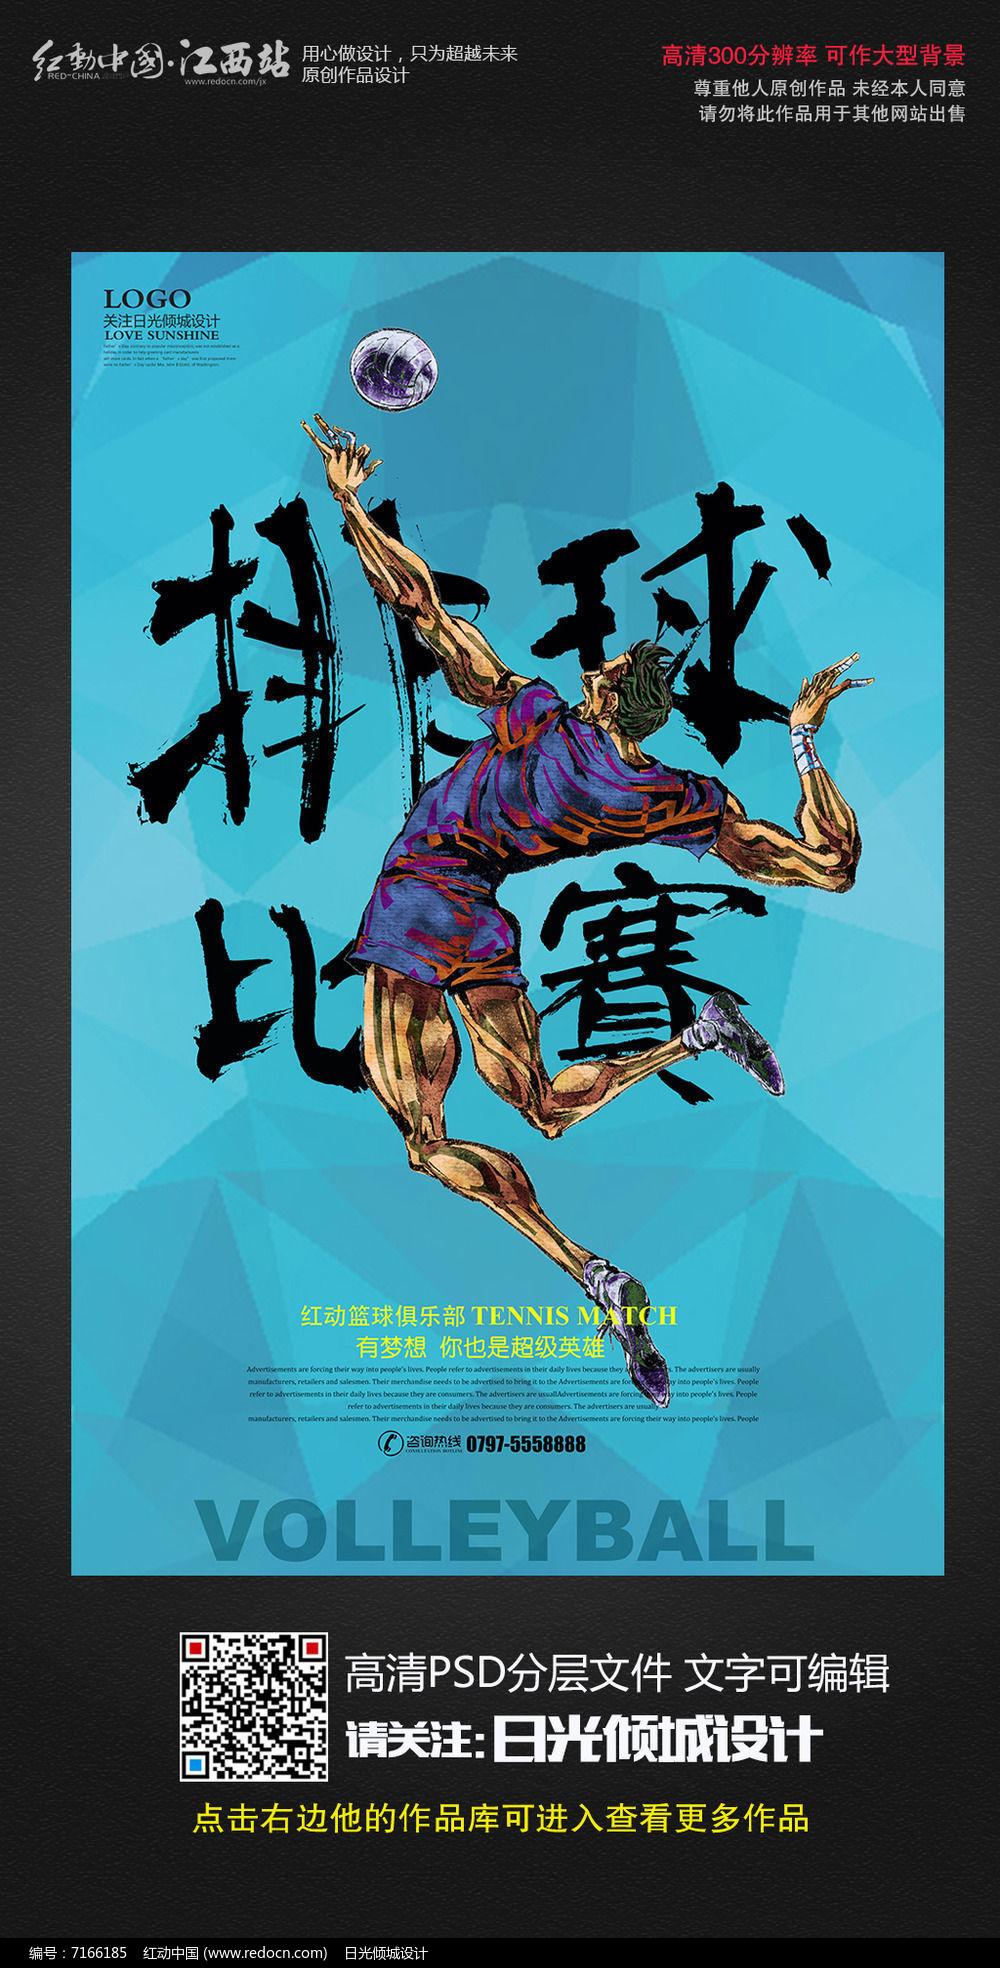 创意排球招生比赛宣传海报素材下载 编号7166185 红动网